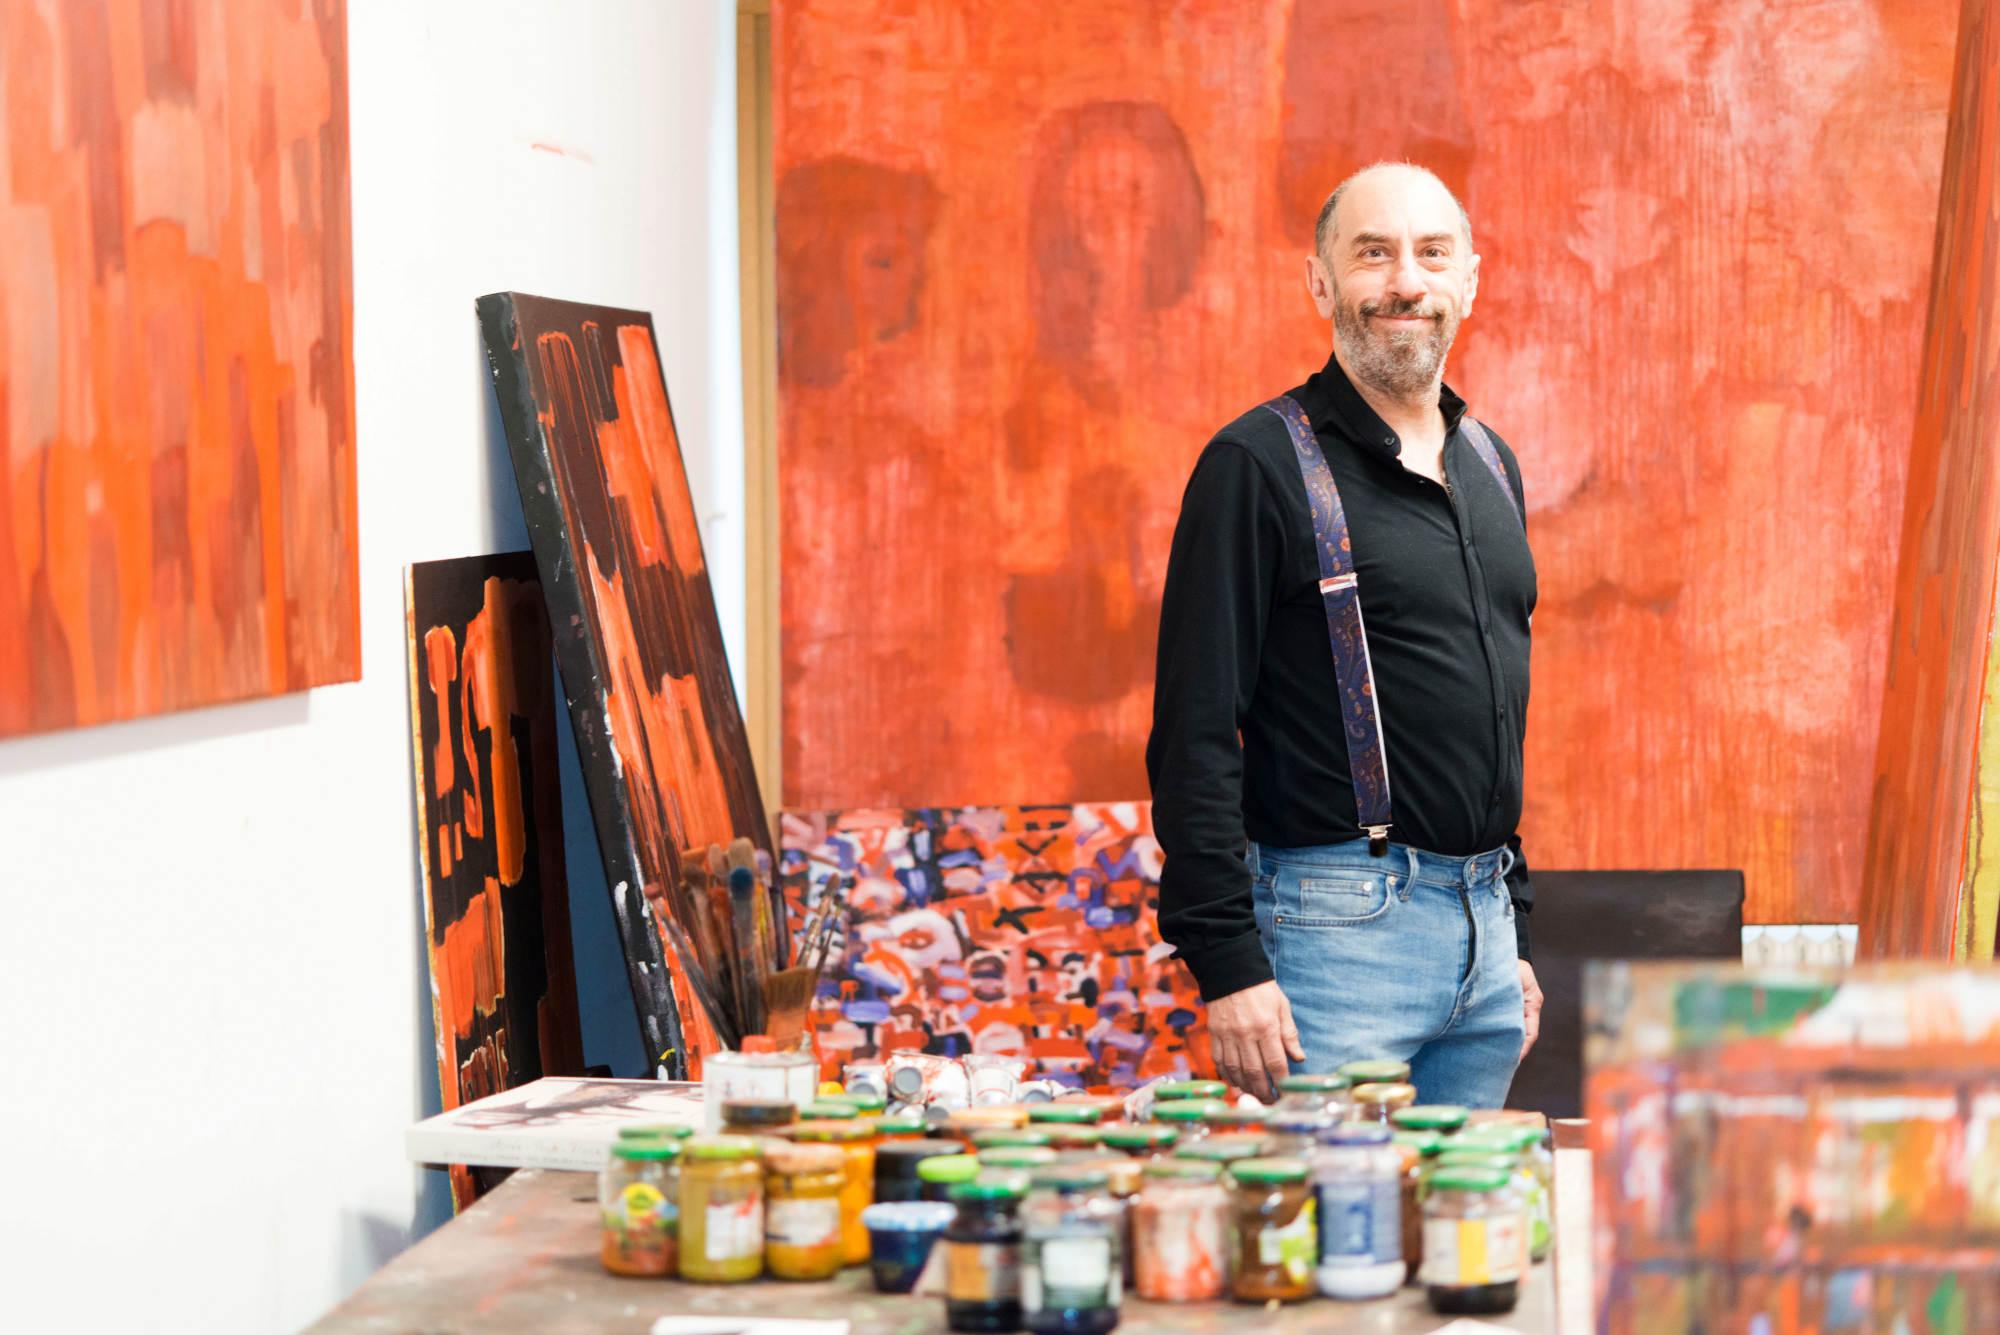 Nehmender: Jotti Elliot Grant Maler